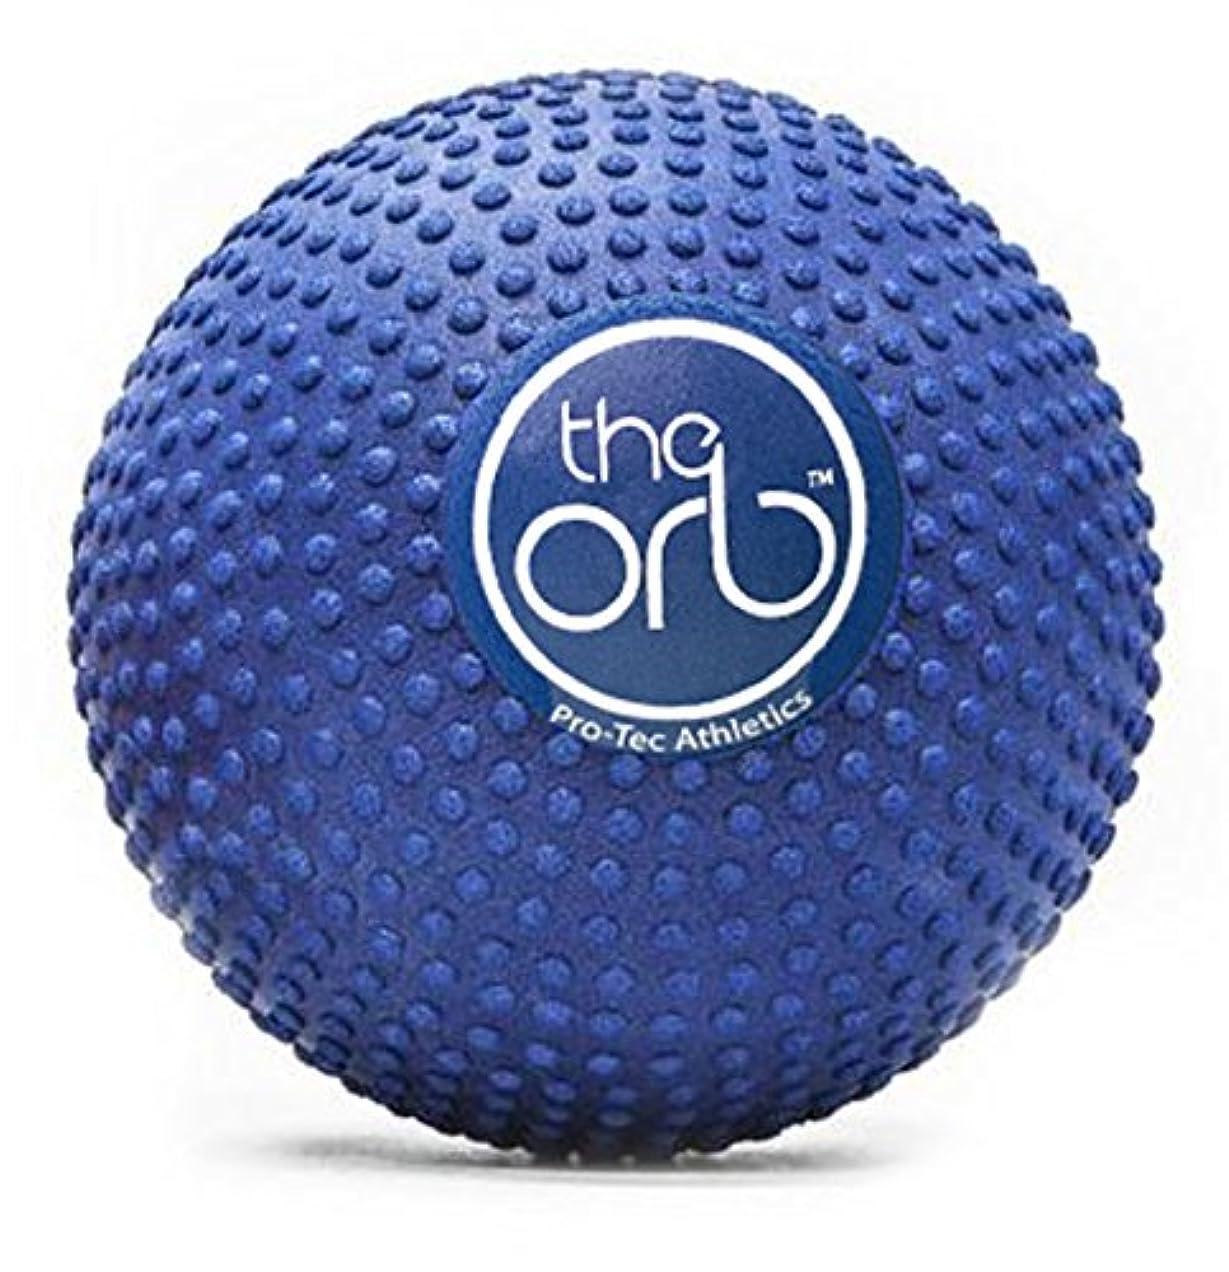 妊娠した蒸し器出席するPro-Tec Athletics(プロテックアスレチックス) The Orb 5